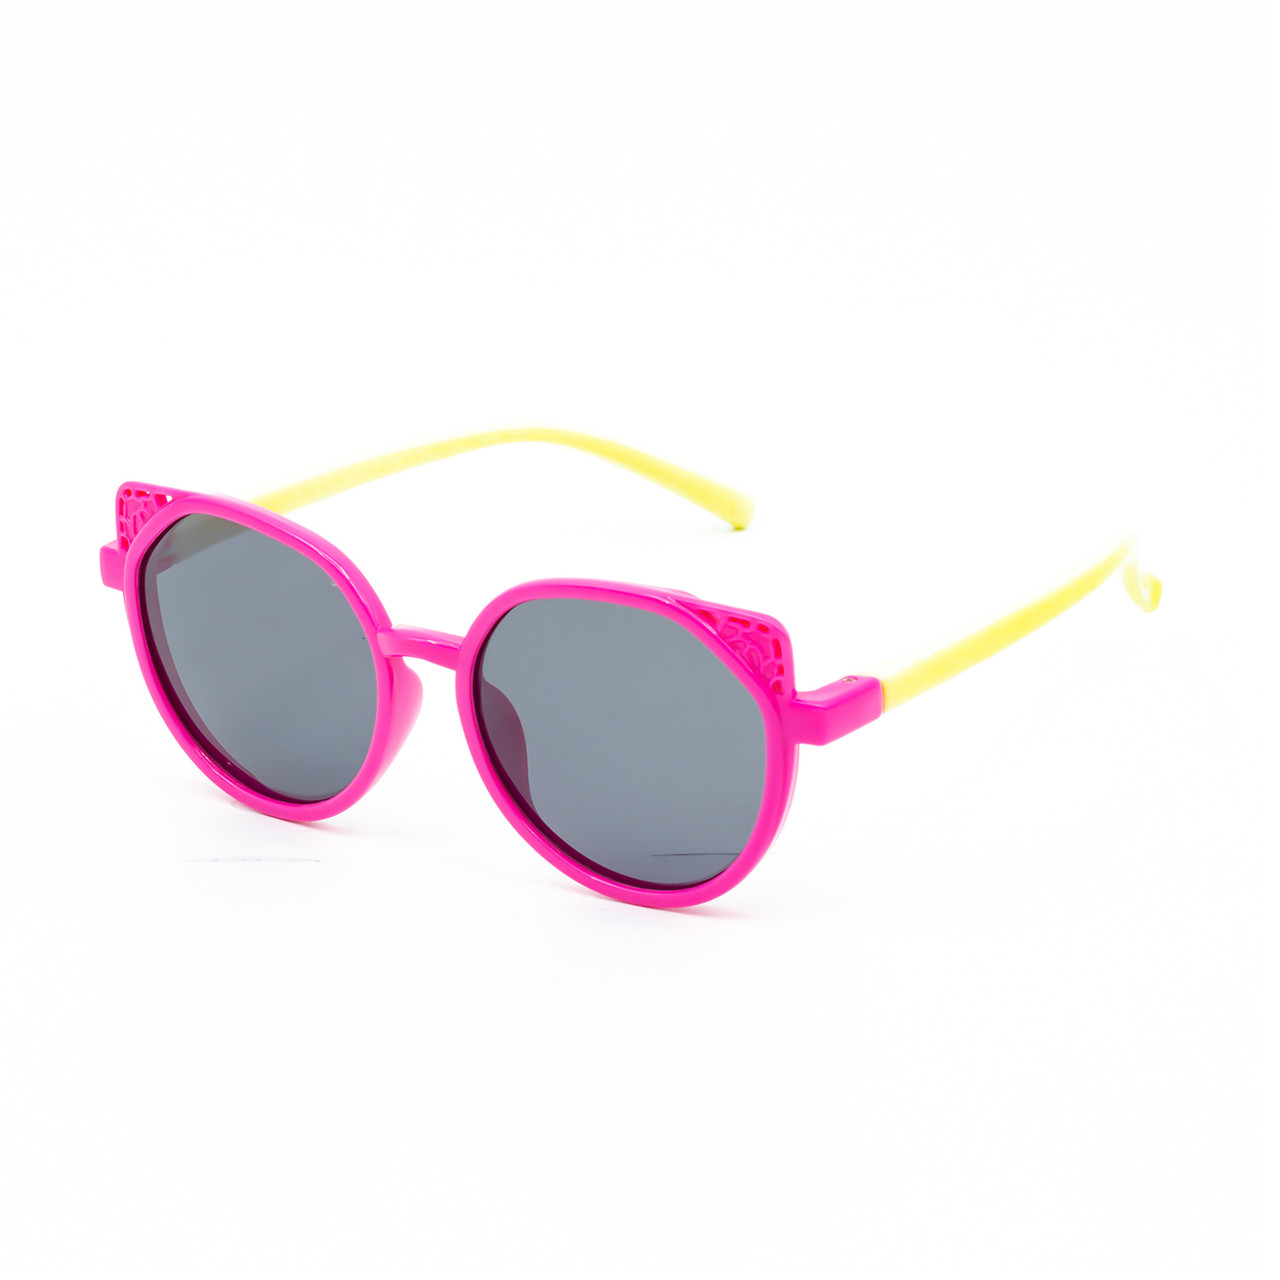 Солнцезащитные очки Marmilen P18138 C4 розовые с молочным    ( KAP18138-04 )